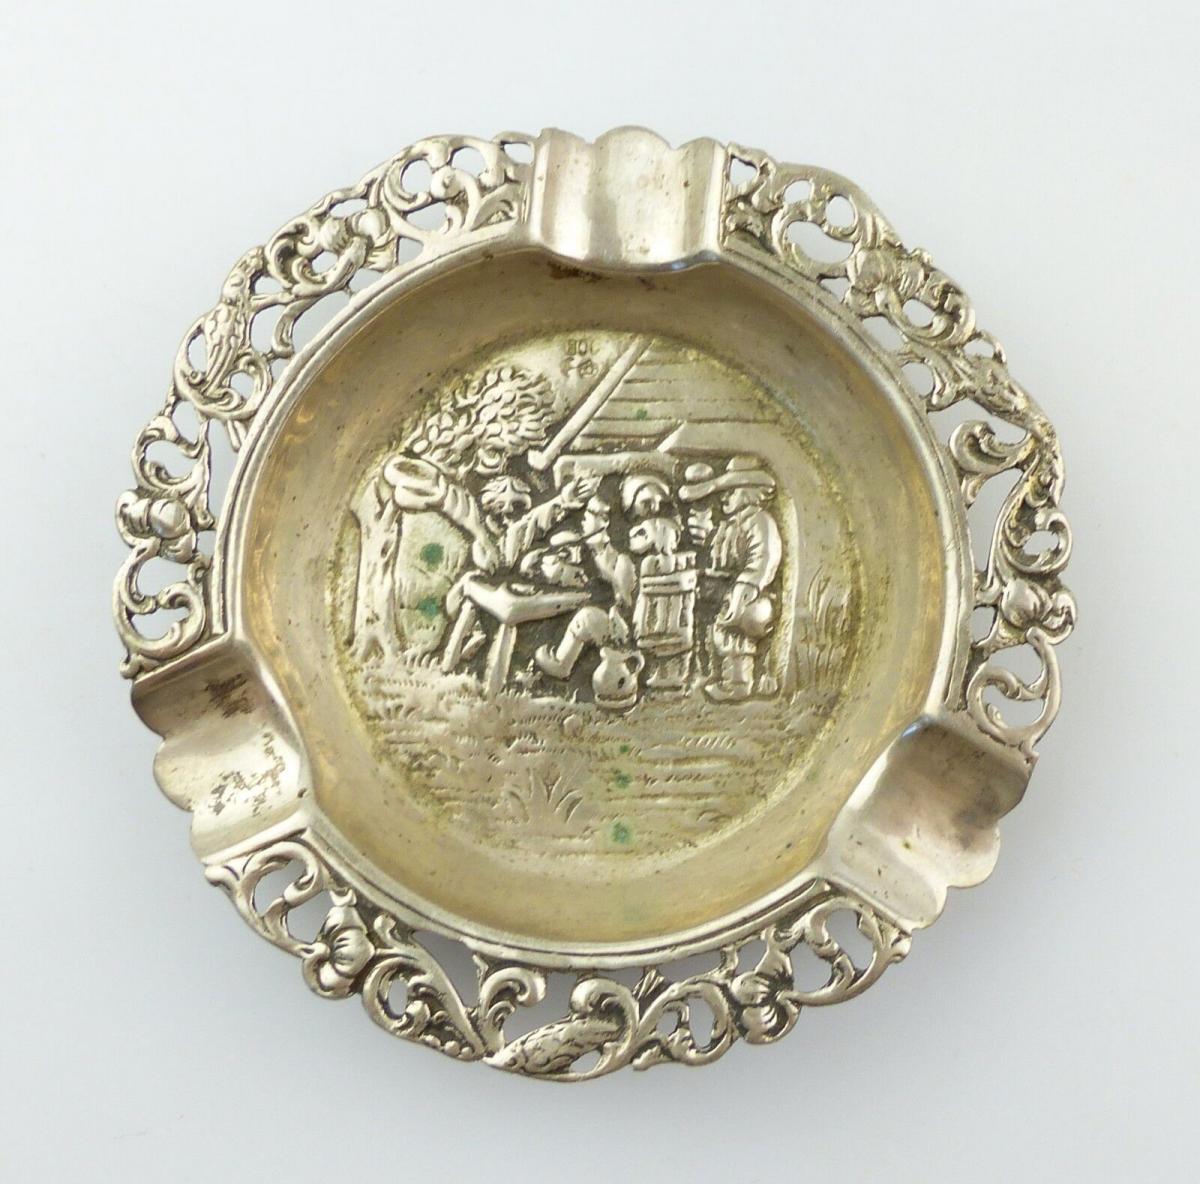 #e8565 Feiner Aschenbecher aus 800 (Ag) Silber Dorfkneipen-Szene aus Gründerzeit